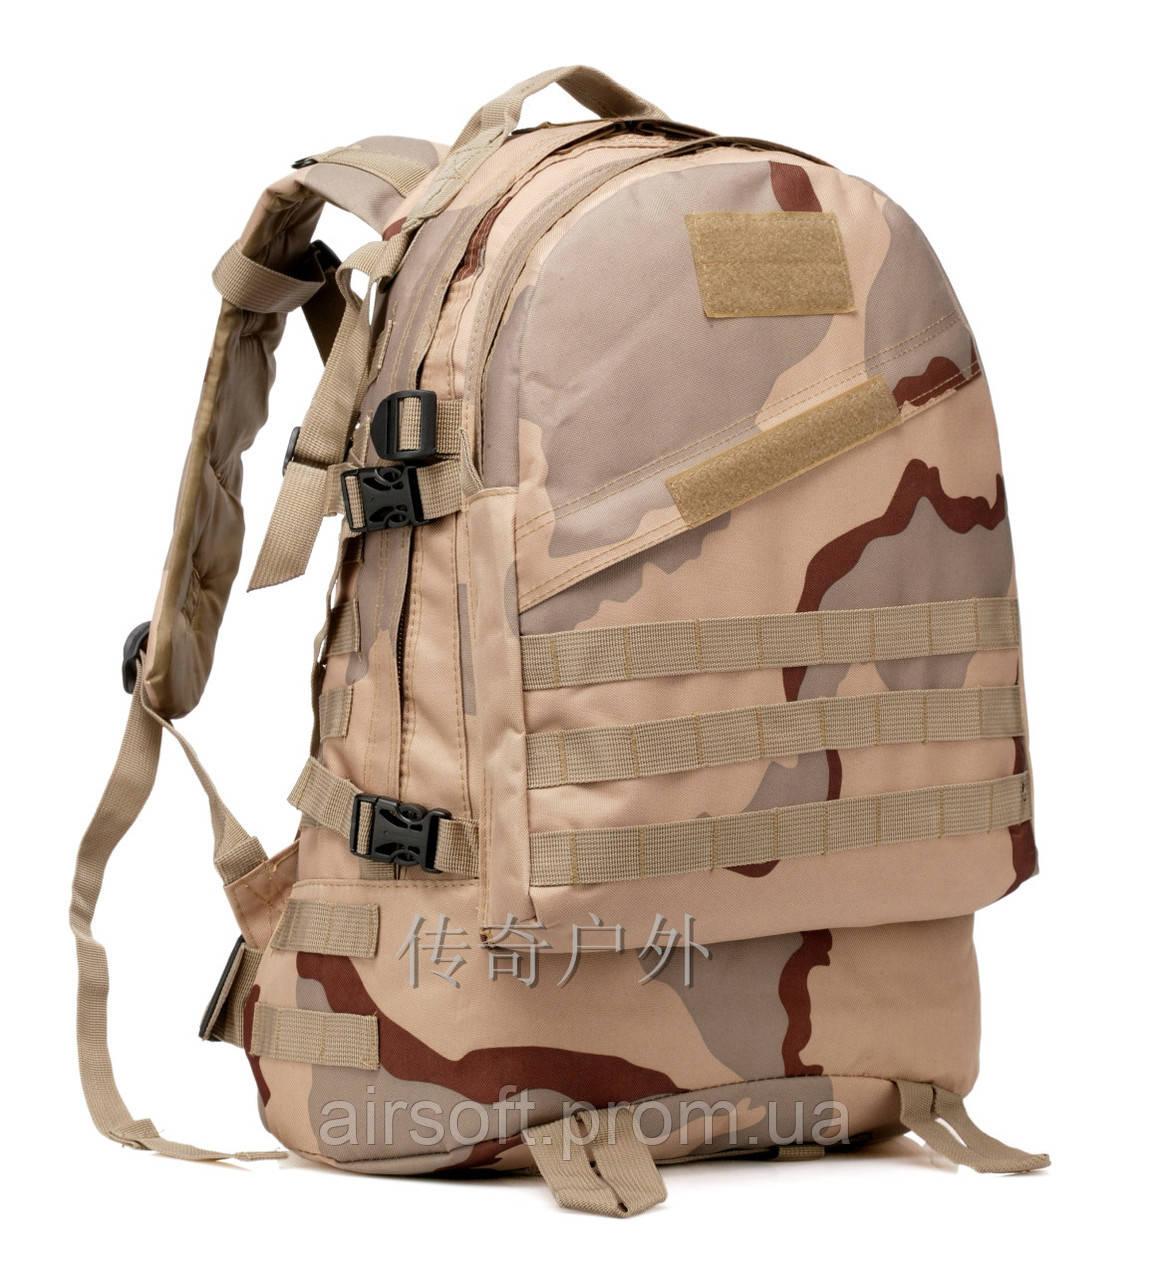 Тактический рюкзак 30 литров